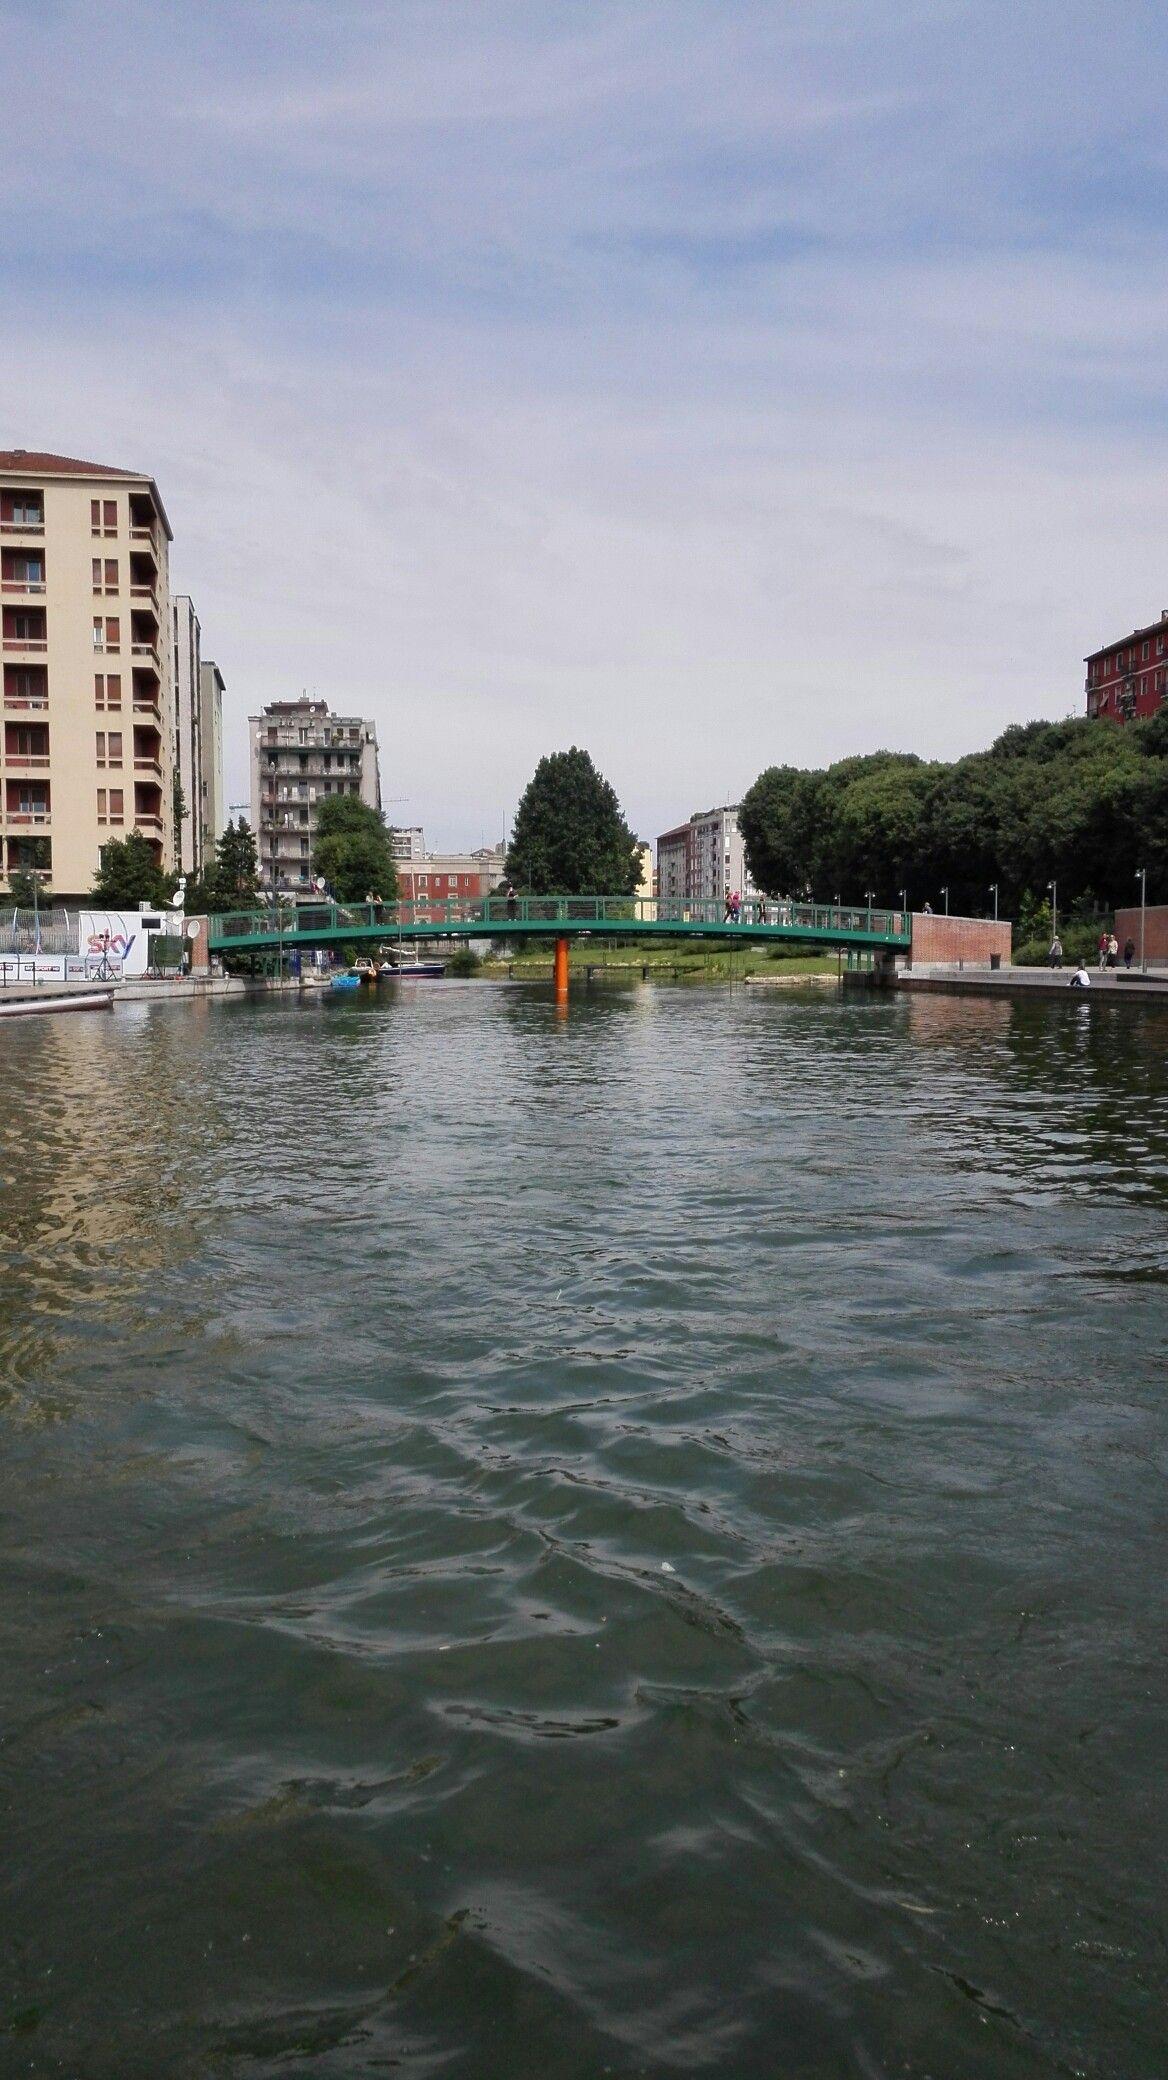 Darsena on Navigli in Milan